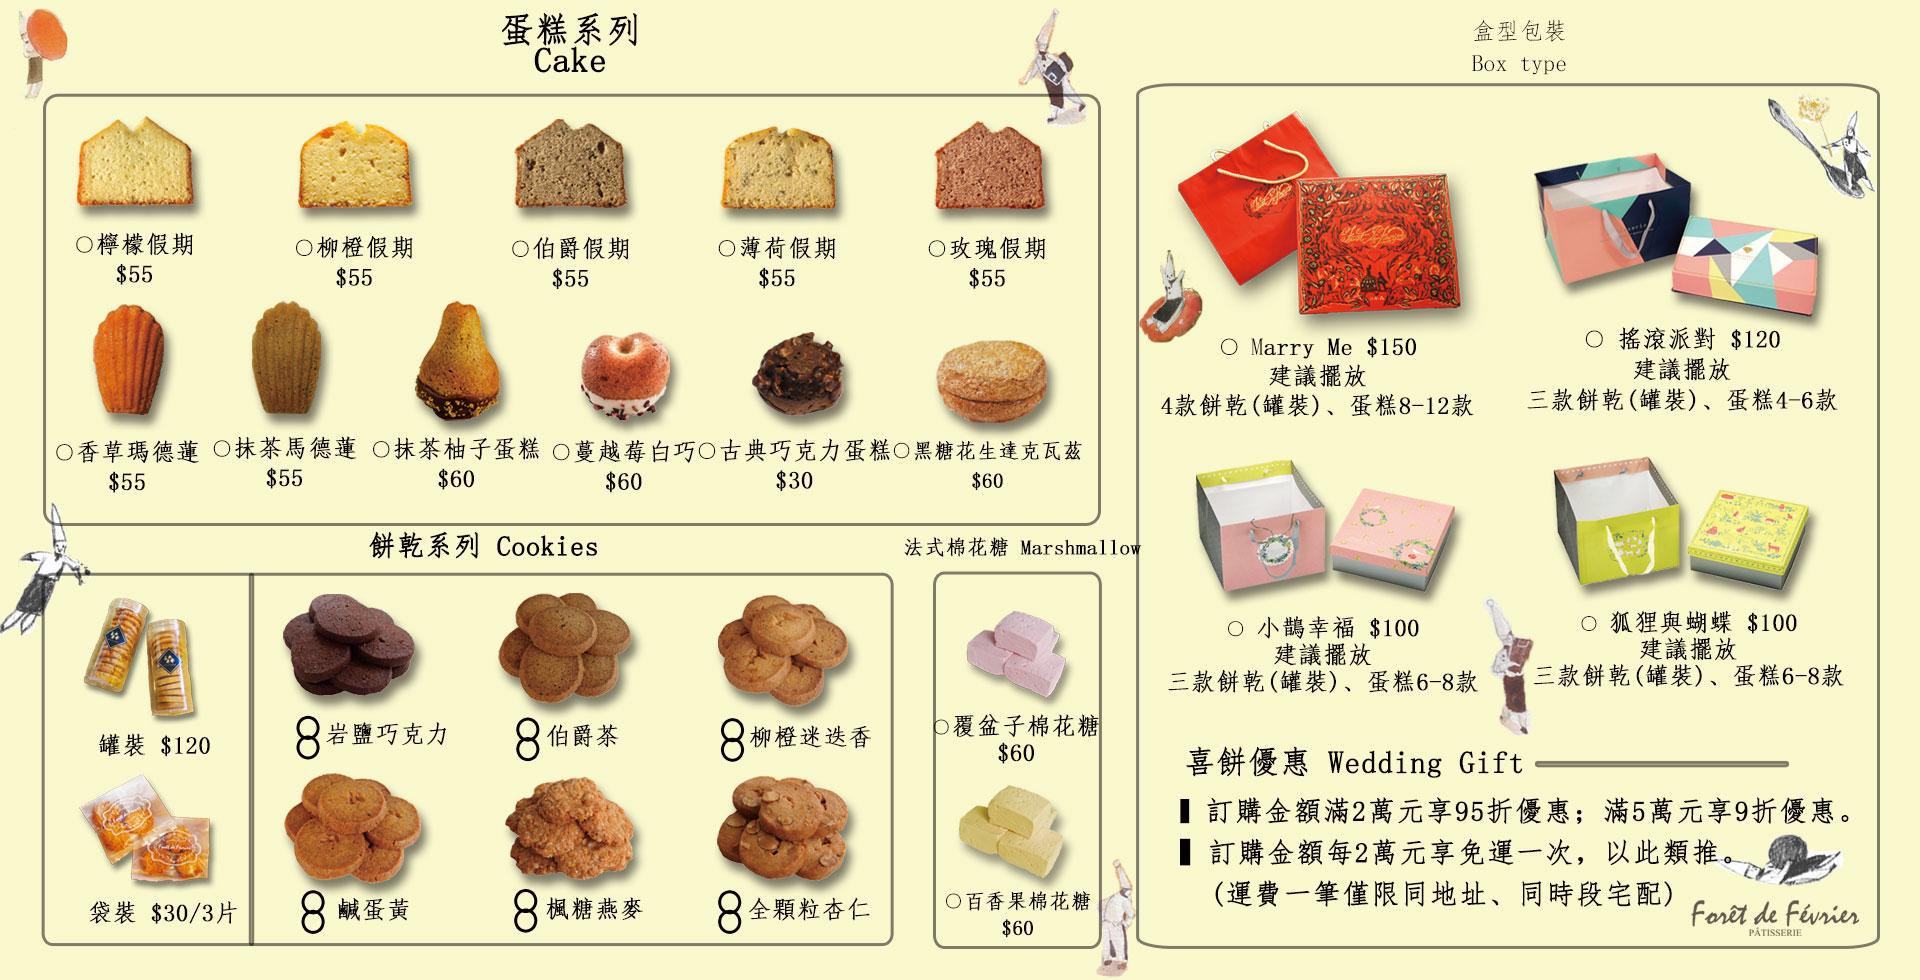 手工喜餅目錄,純手工客製化的喜餅禮盒, 帶有台灣本土素材的發想,2018新人法式手工喜餅首選